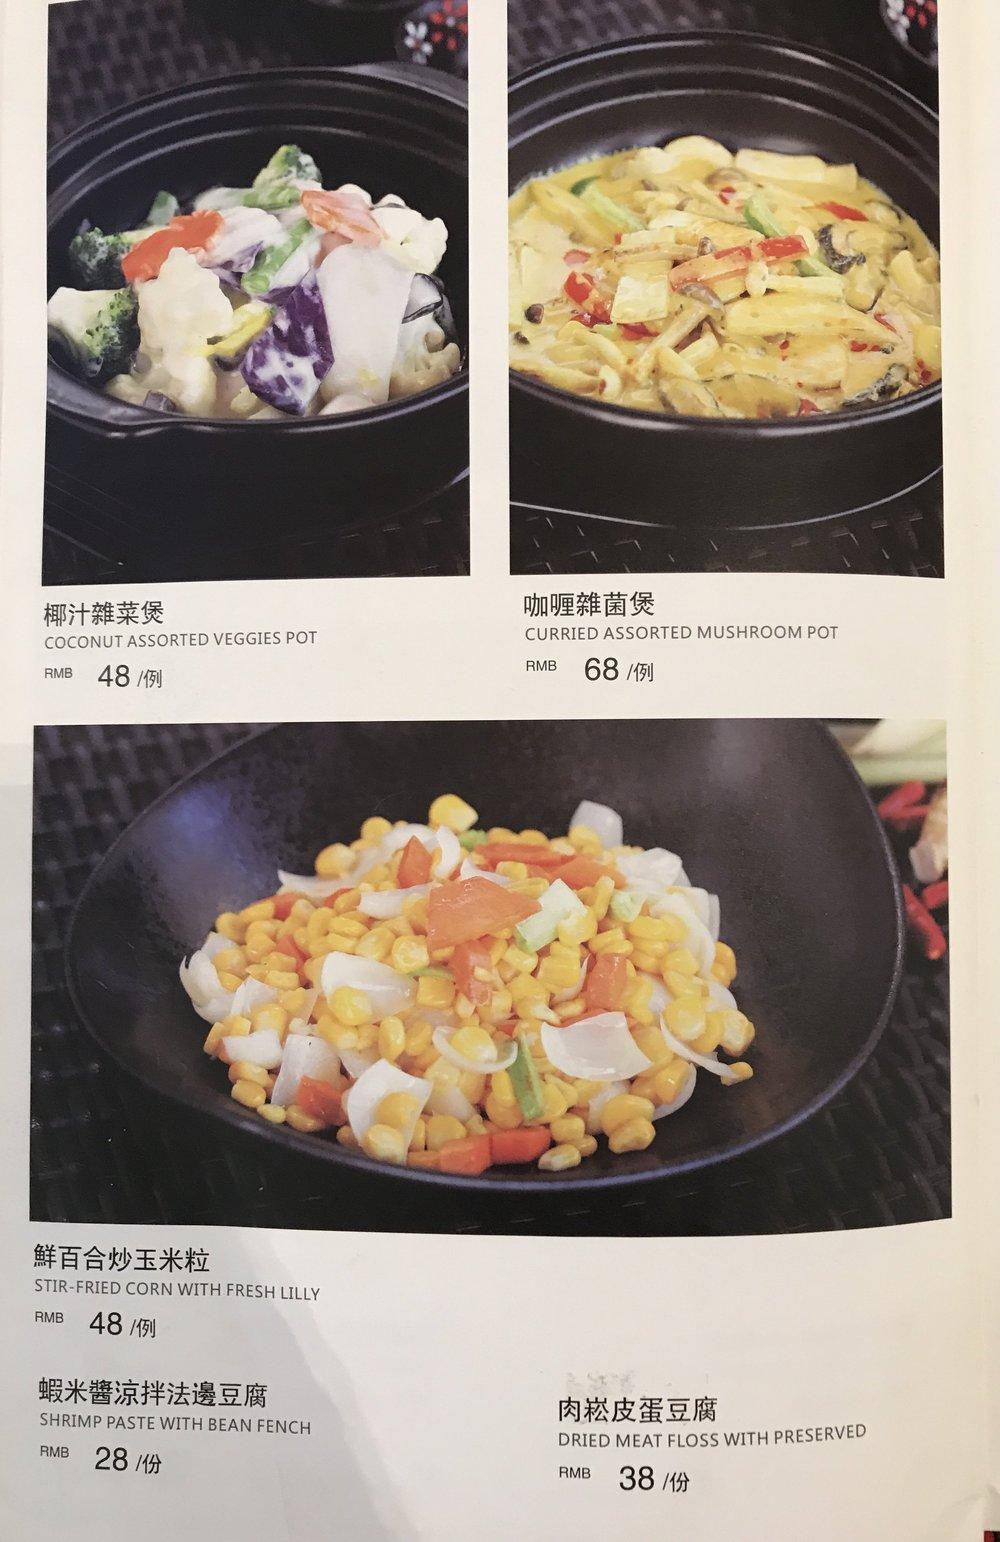 china-picture-menu-1.jpg